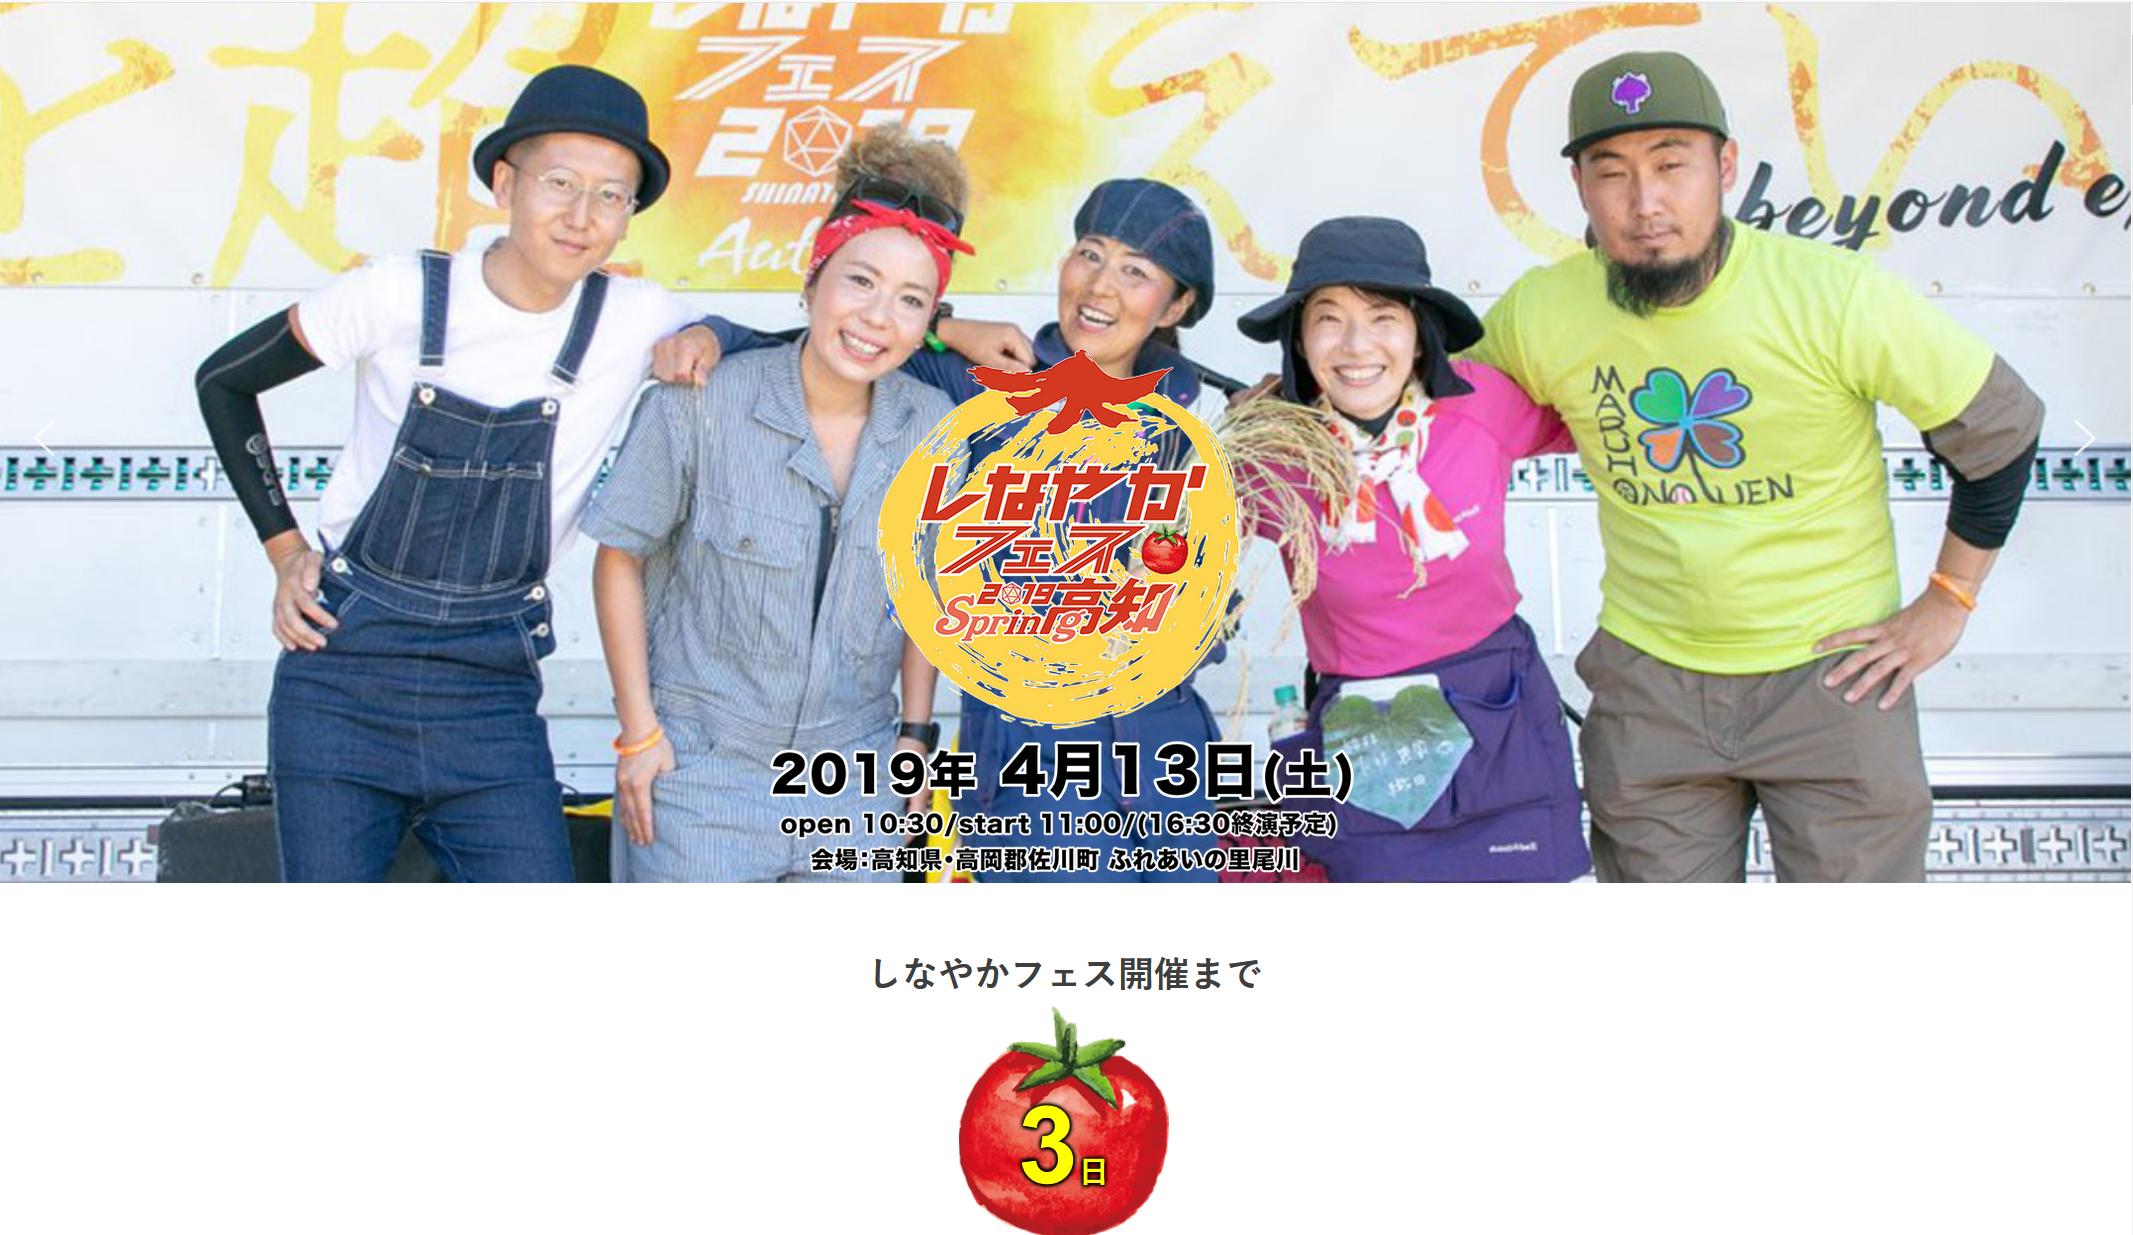 しなやかフェス2019春